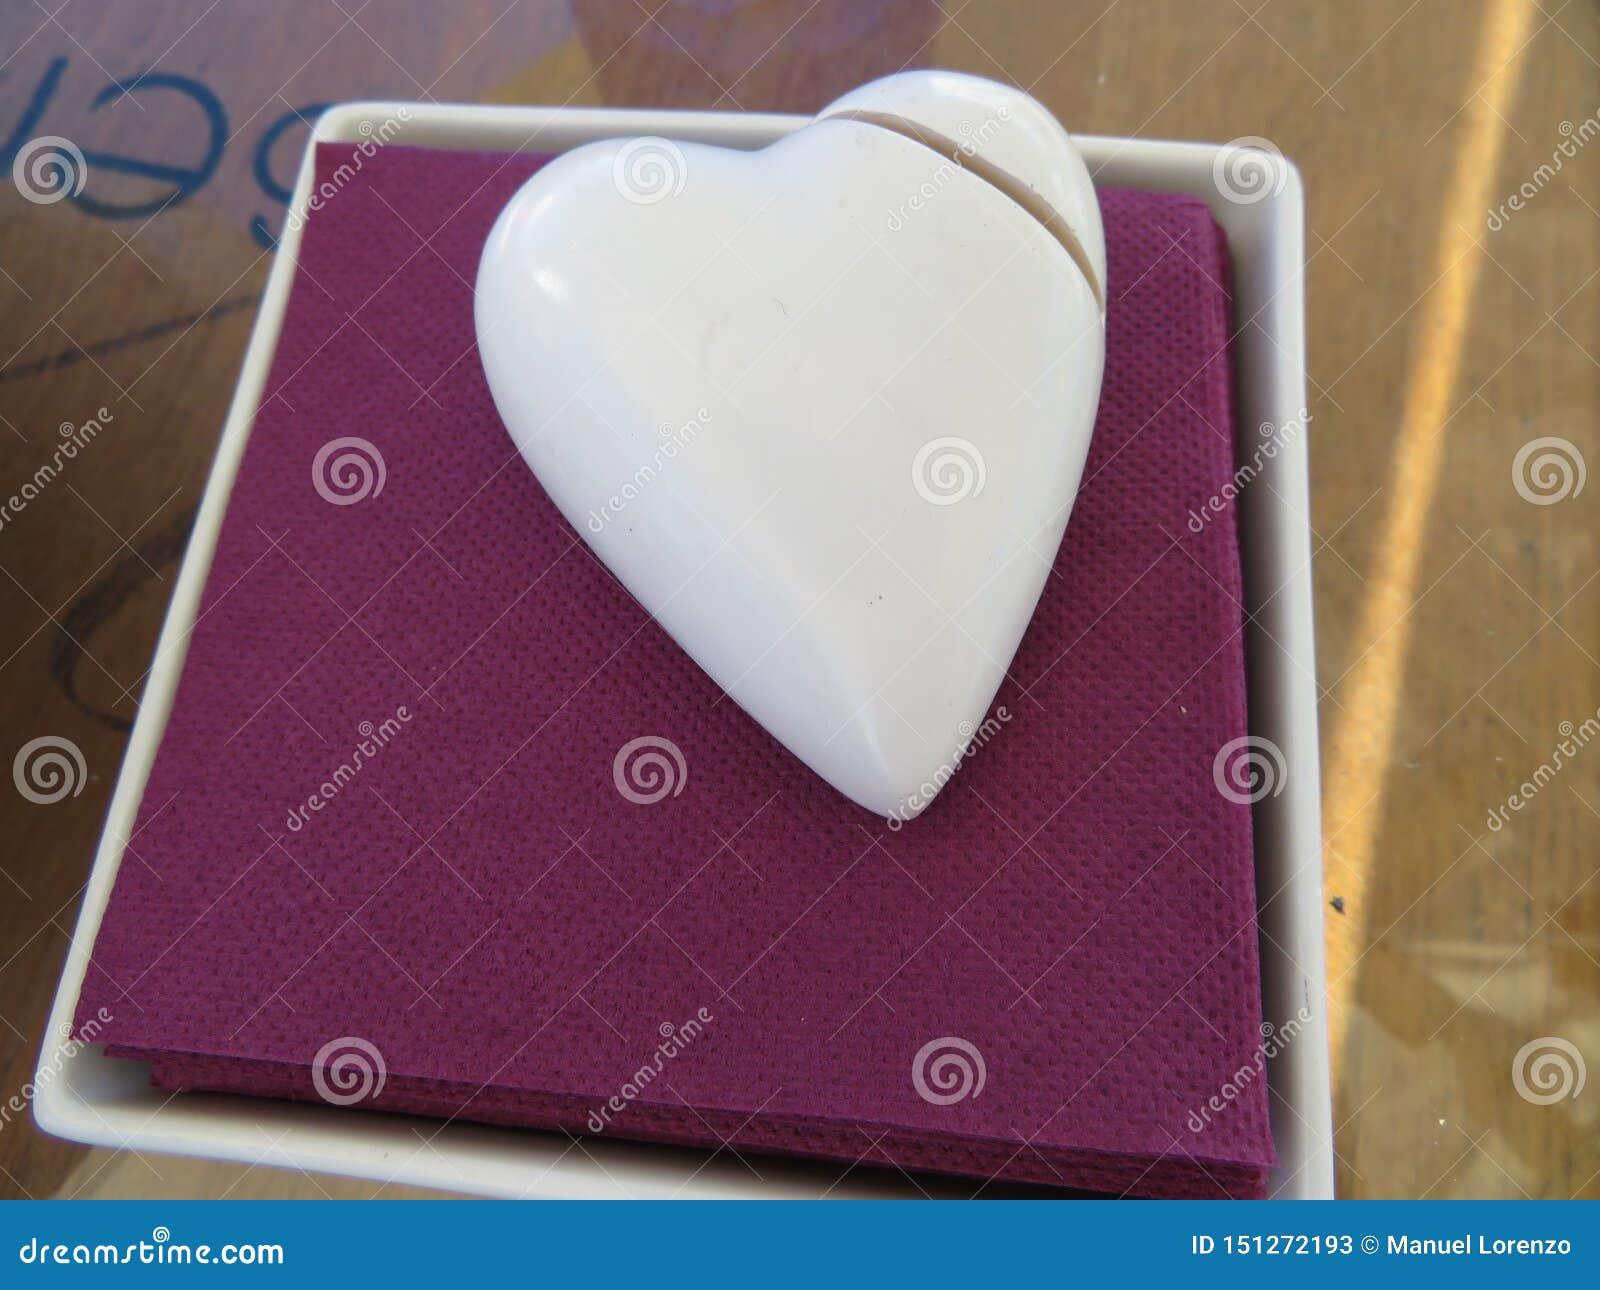 Schöne Zahl, die ein defektes Porzellanweiß des Herzens simuliert